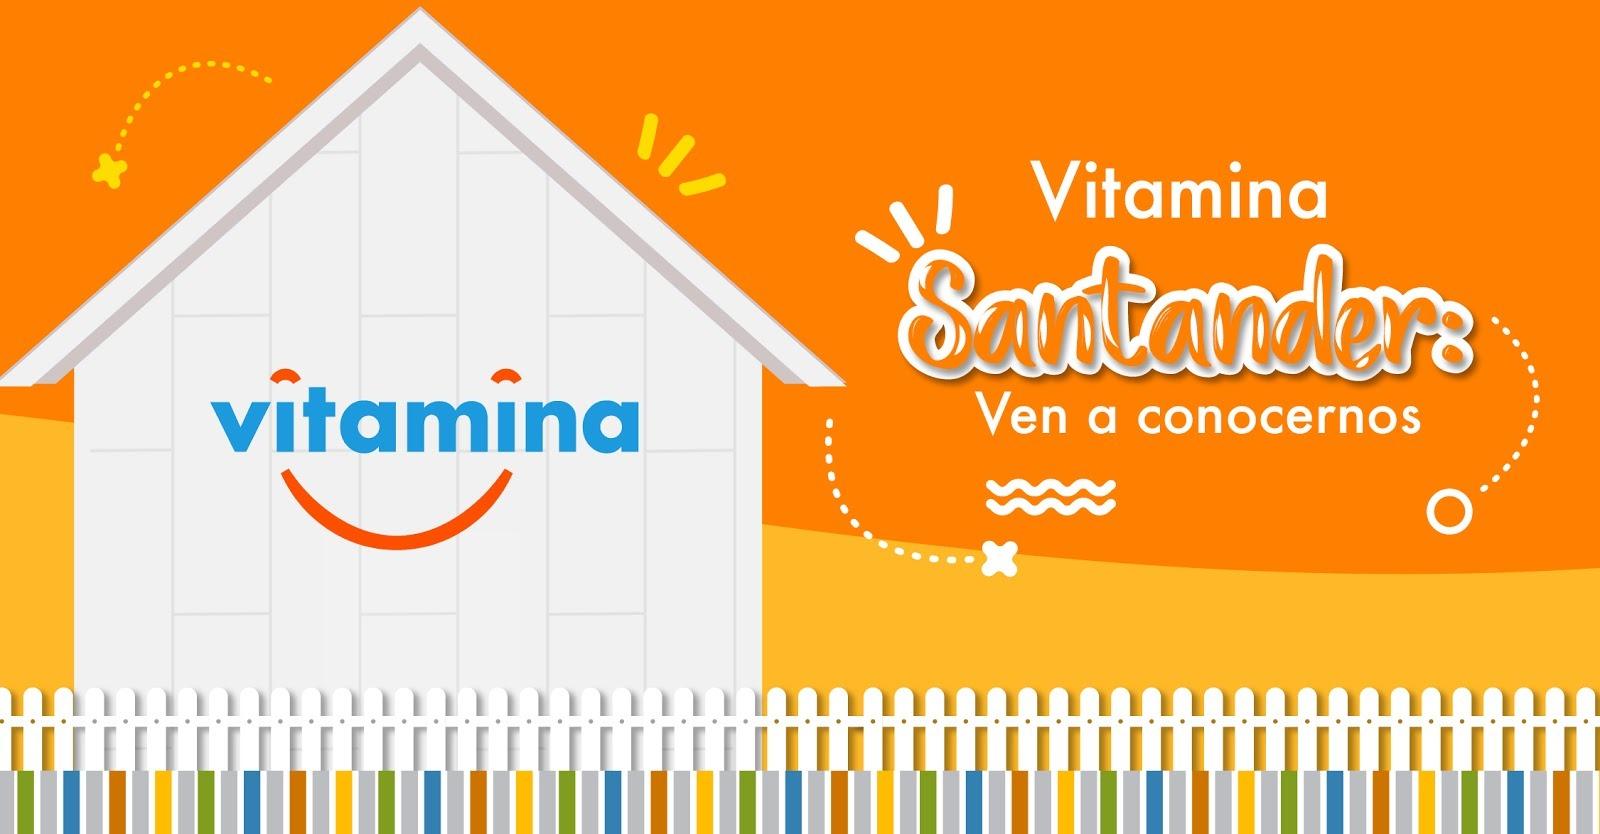 Vitamina Santander: Ven a conocernos